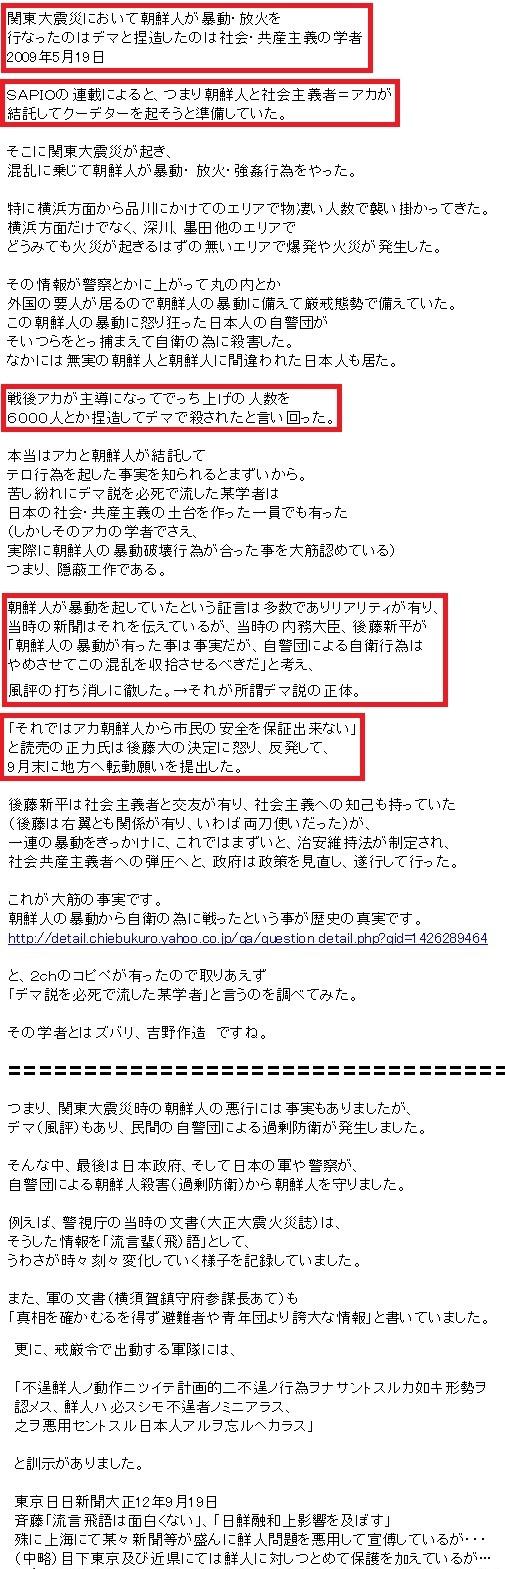 関東大震災「死んだ朝鮮人は200人ちょっと」4